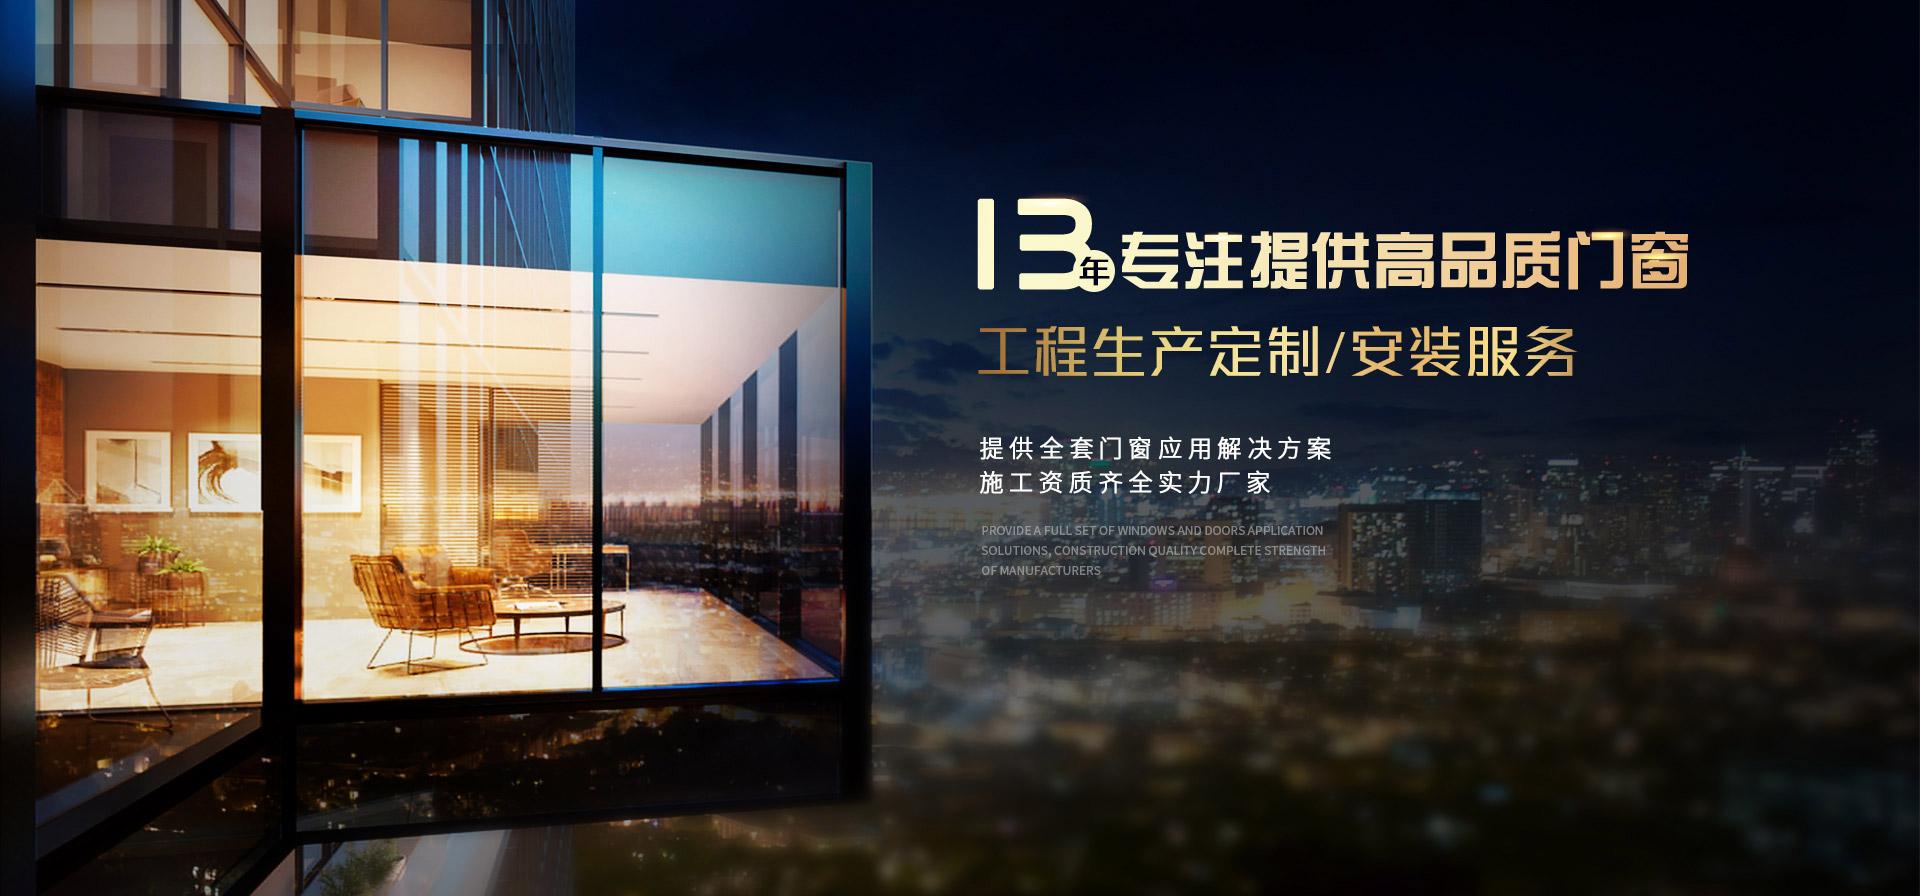 楼上楼-13年专注提供高品质门窗工程生产定制/安装服务